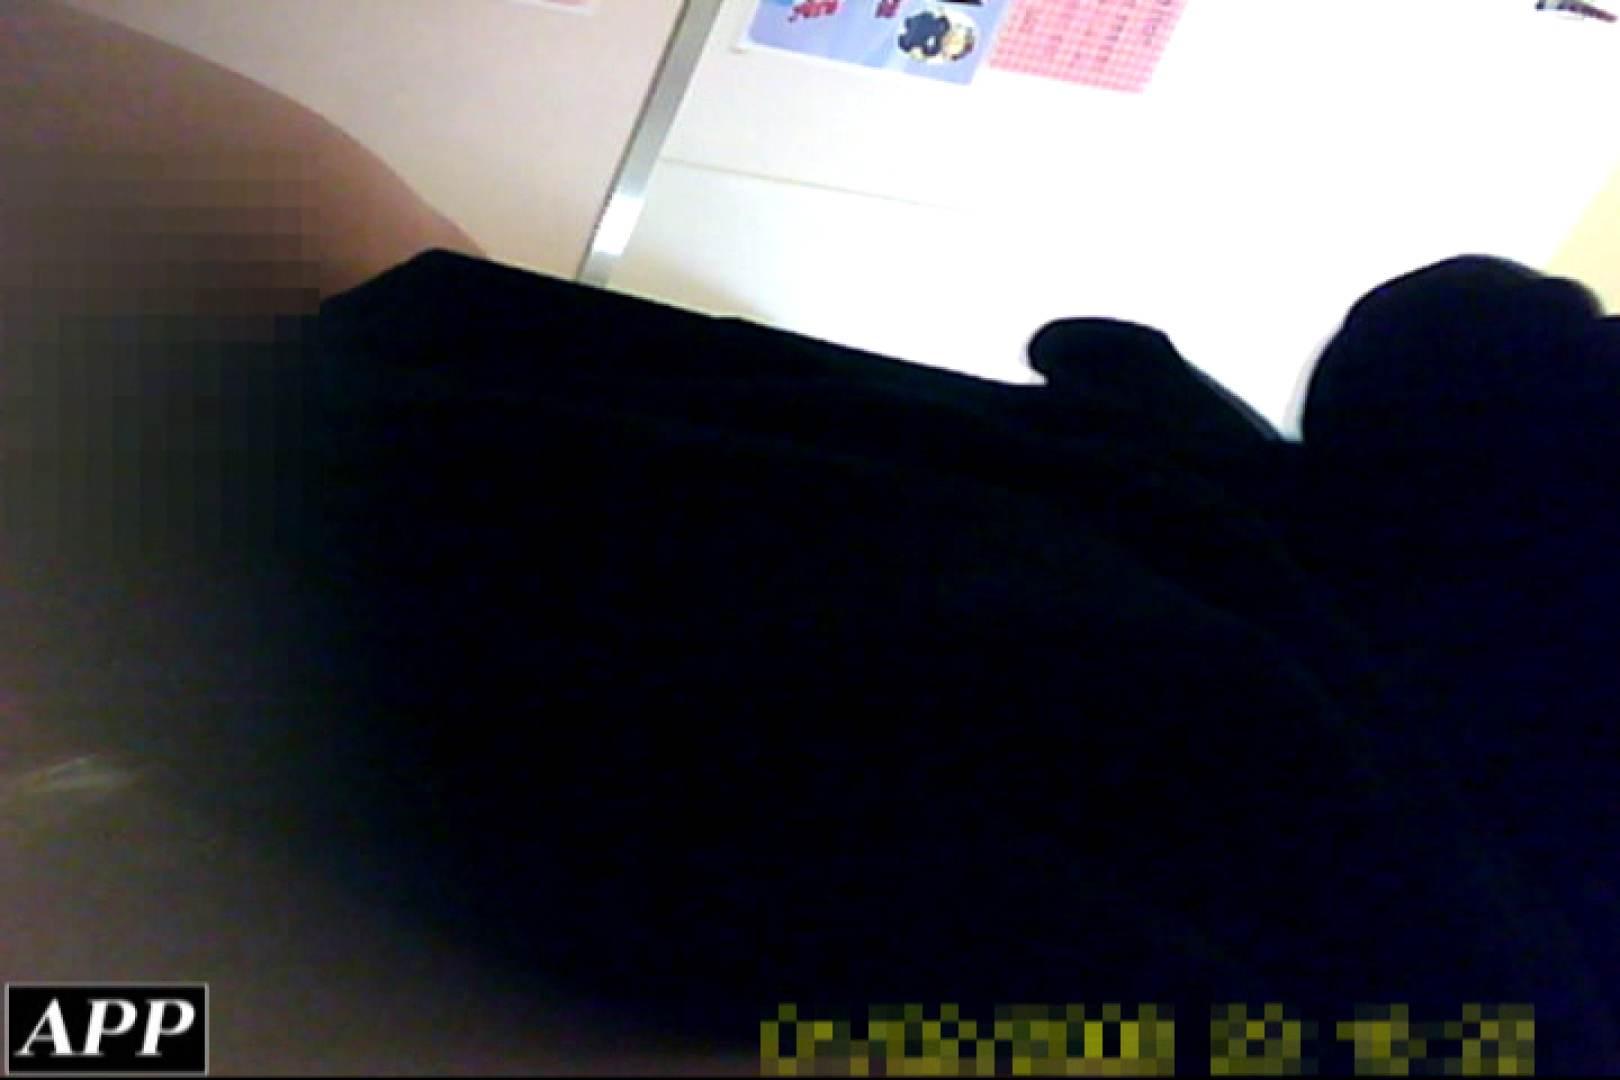 3視点洗面所 vol.105 女体盗撮 隠し撮りオマンコ動画紹介 88連発 81